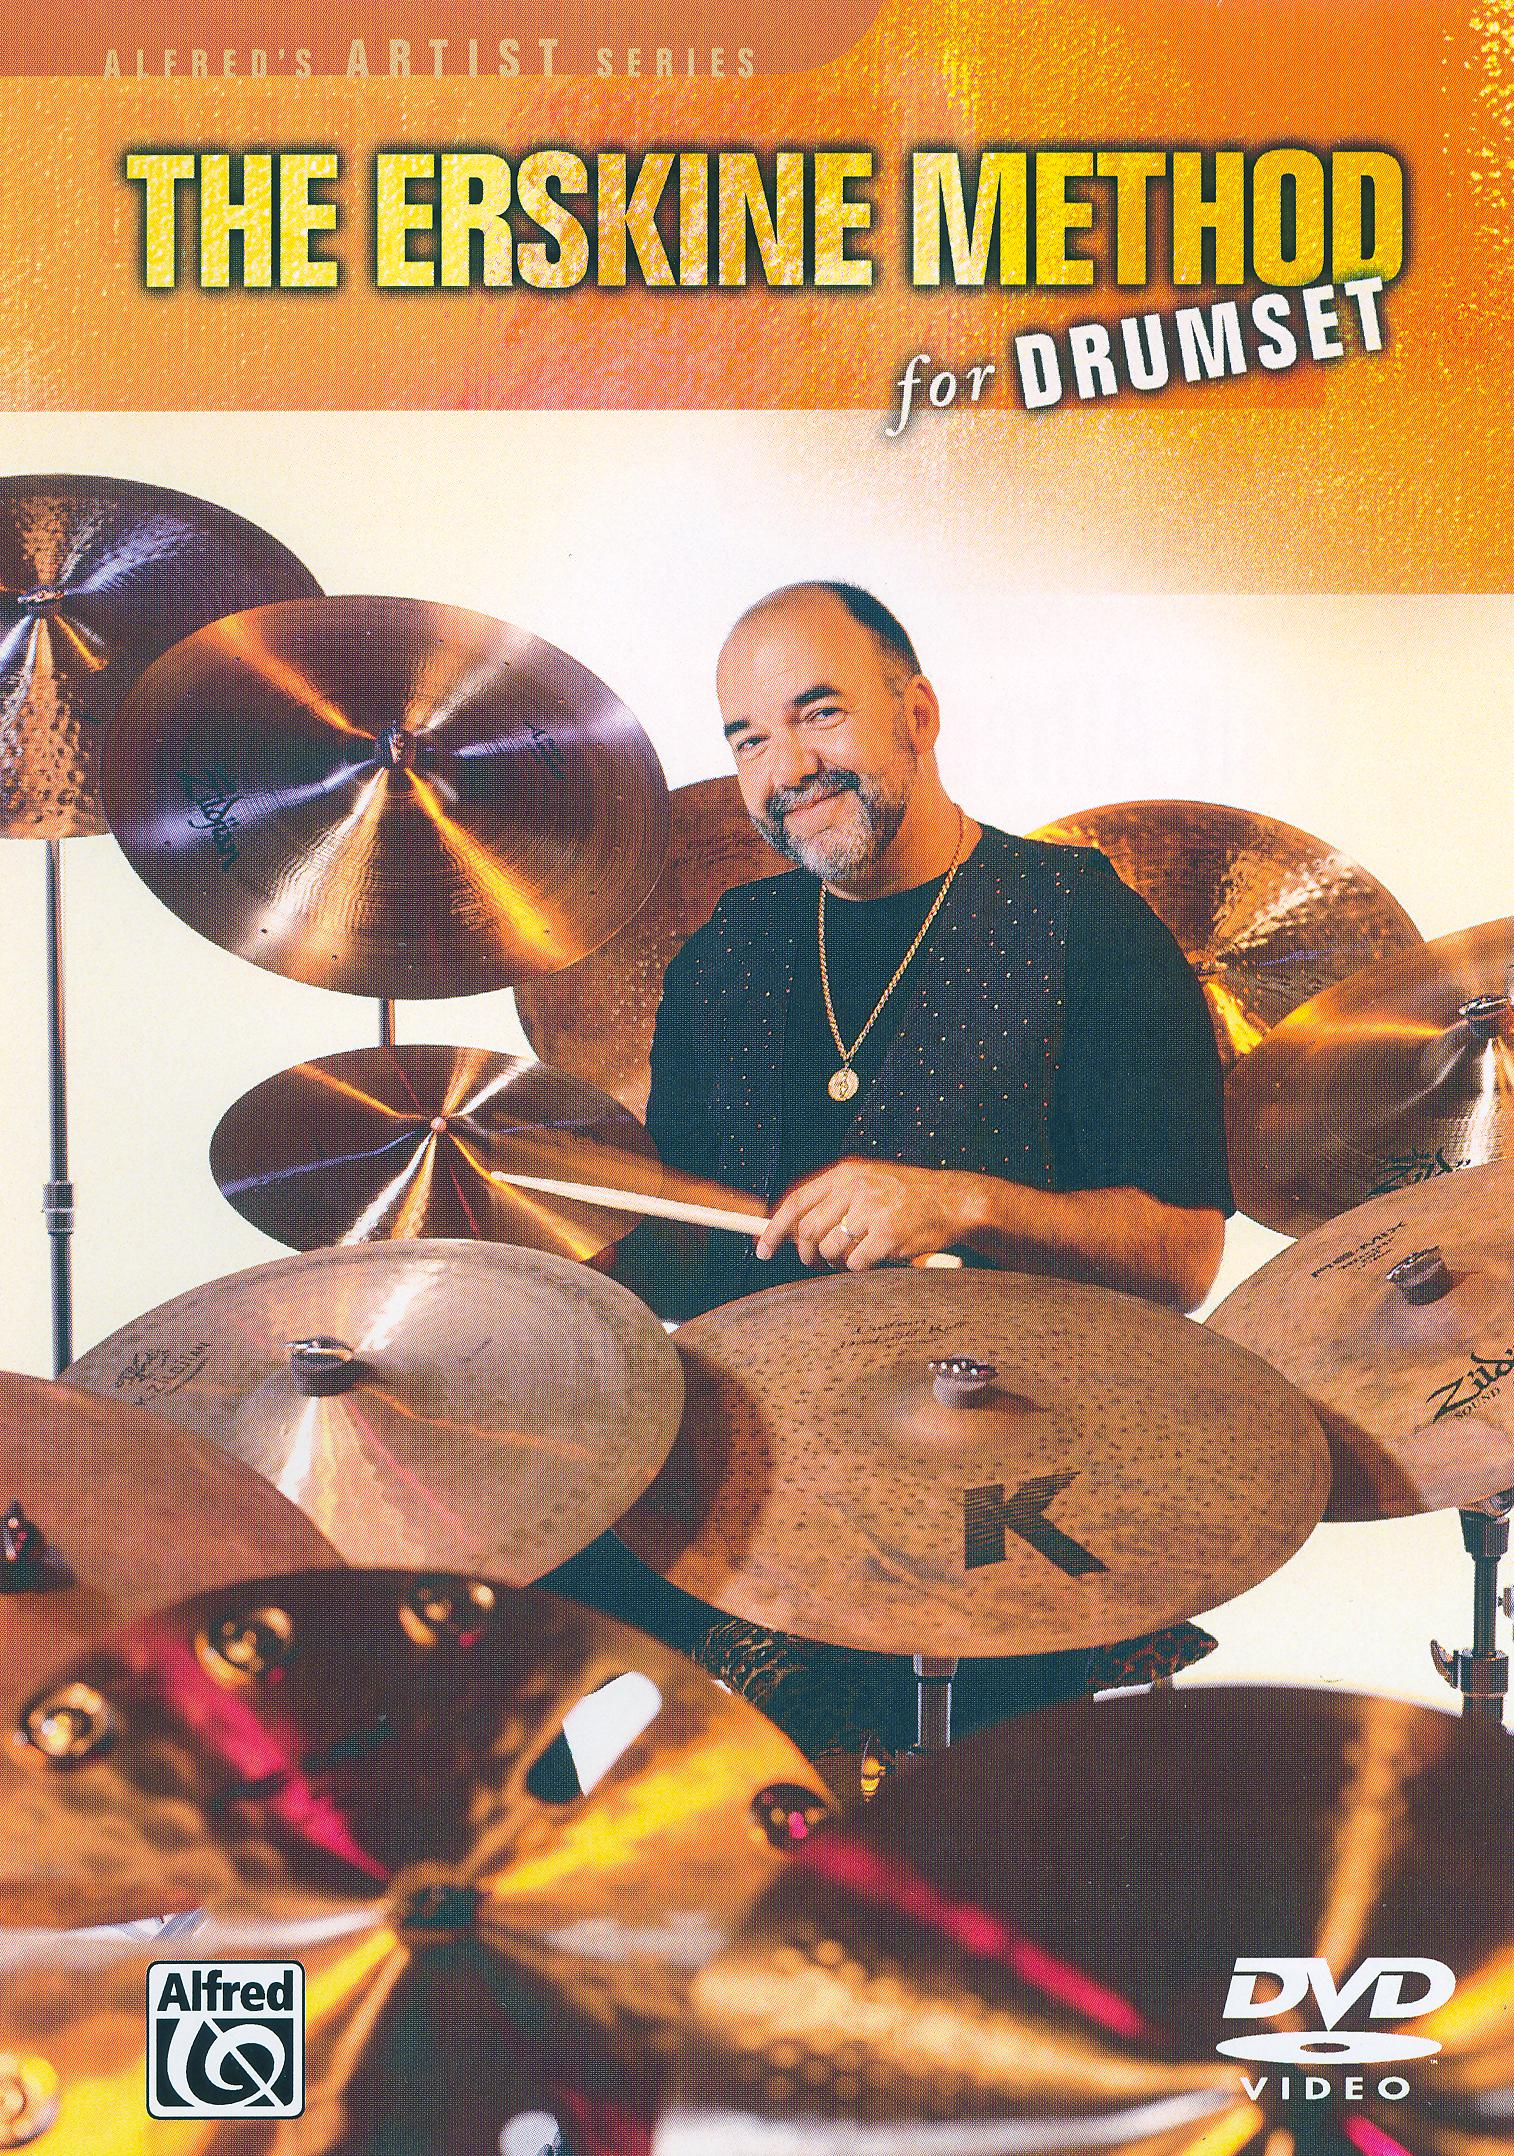 Erskine Method for Drumset